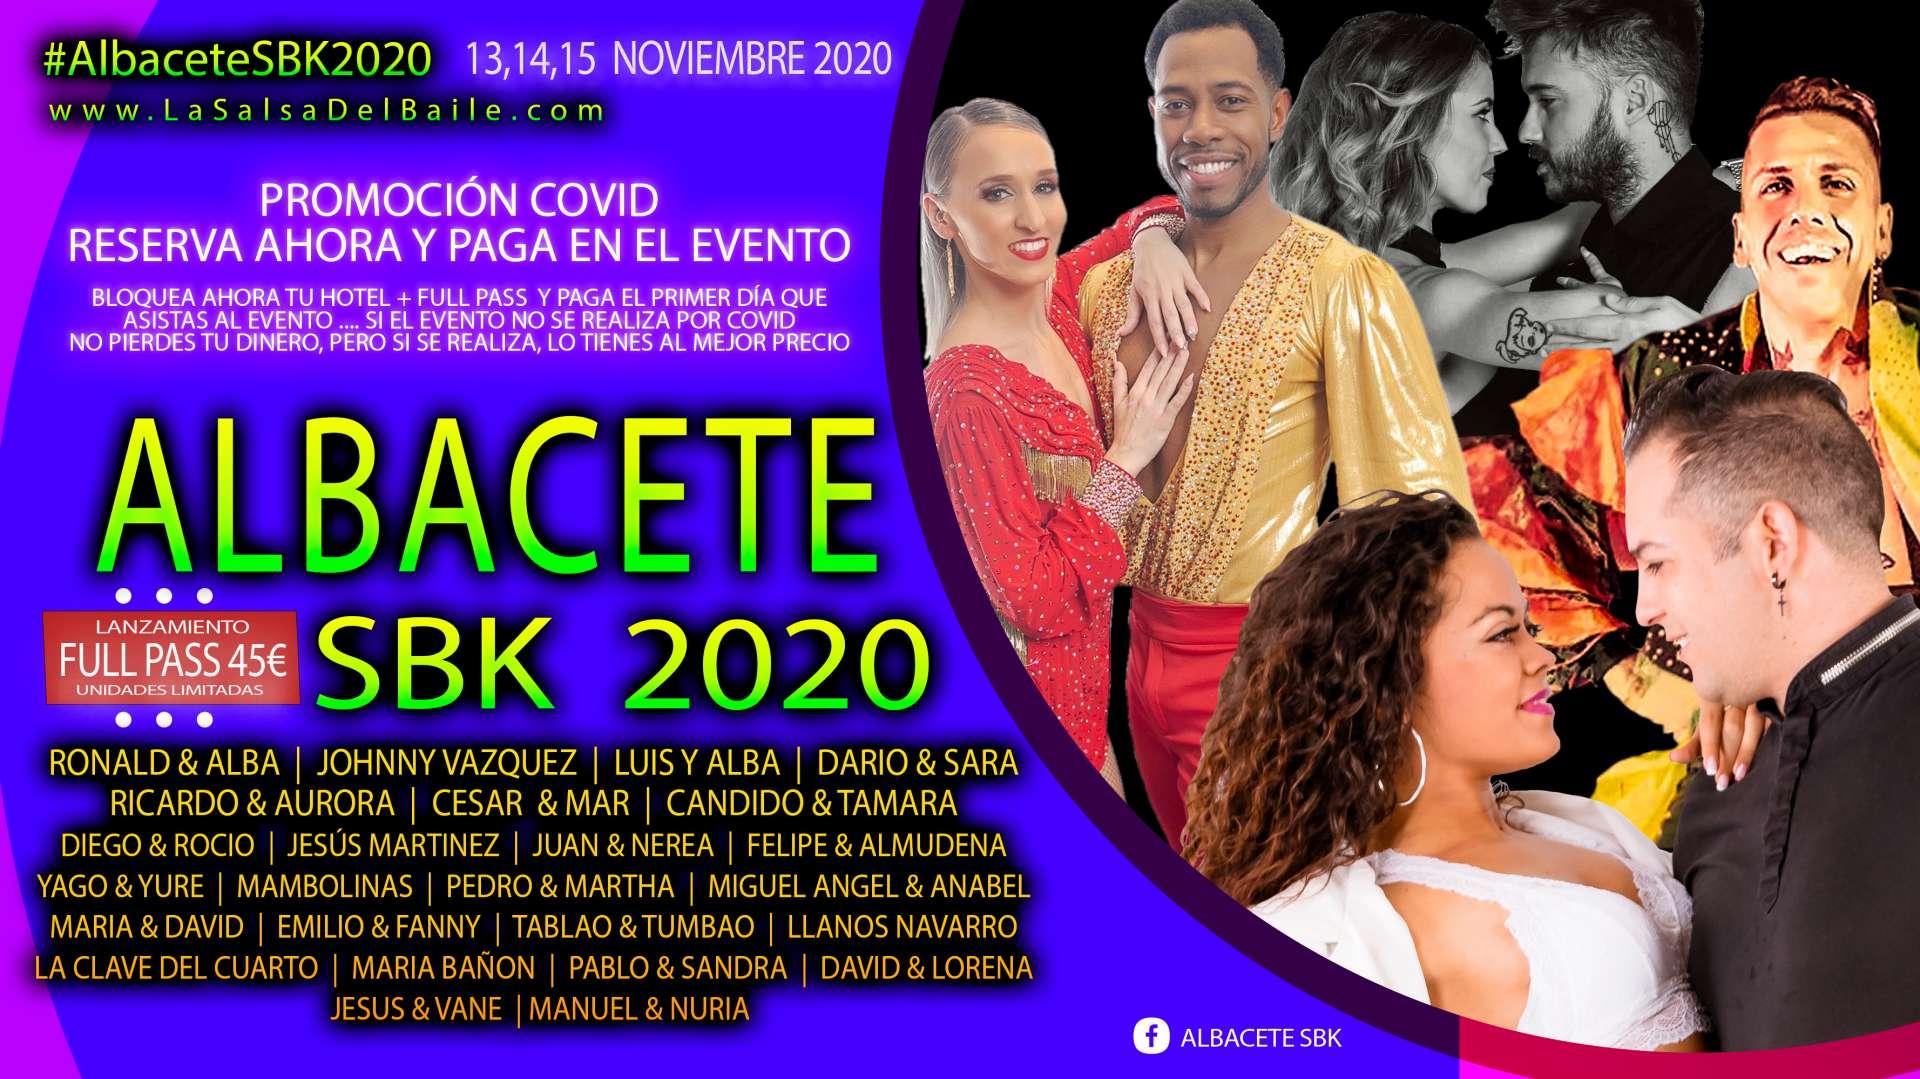 ALBACETE SBK 2020